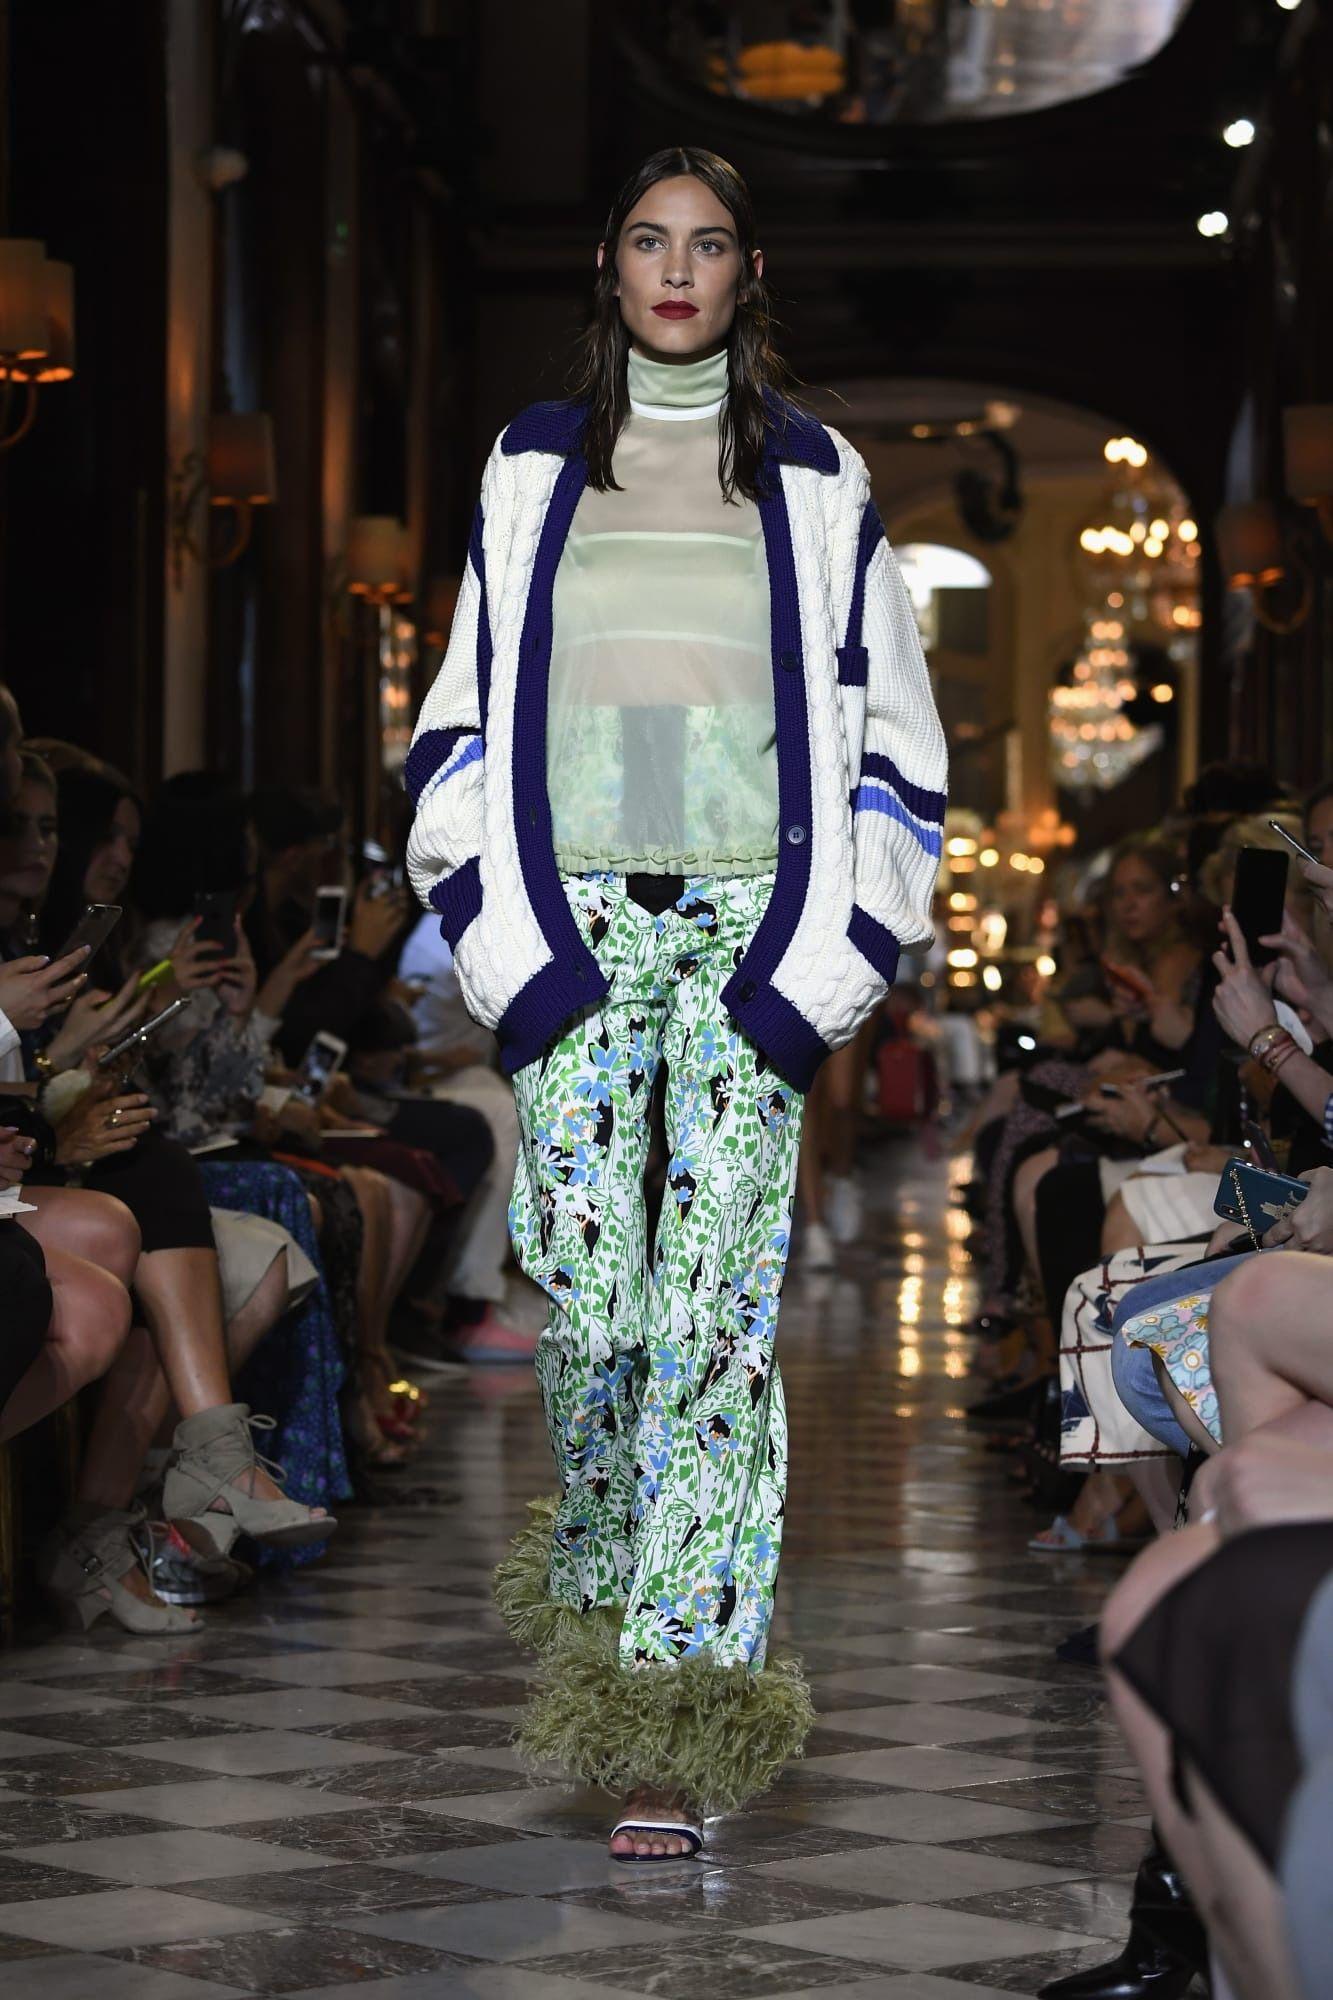 1a0343b52e1 Miuccia Prada Tapped Her Famous Friends to Model for Miu Miu Cruise ...